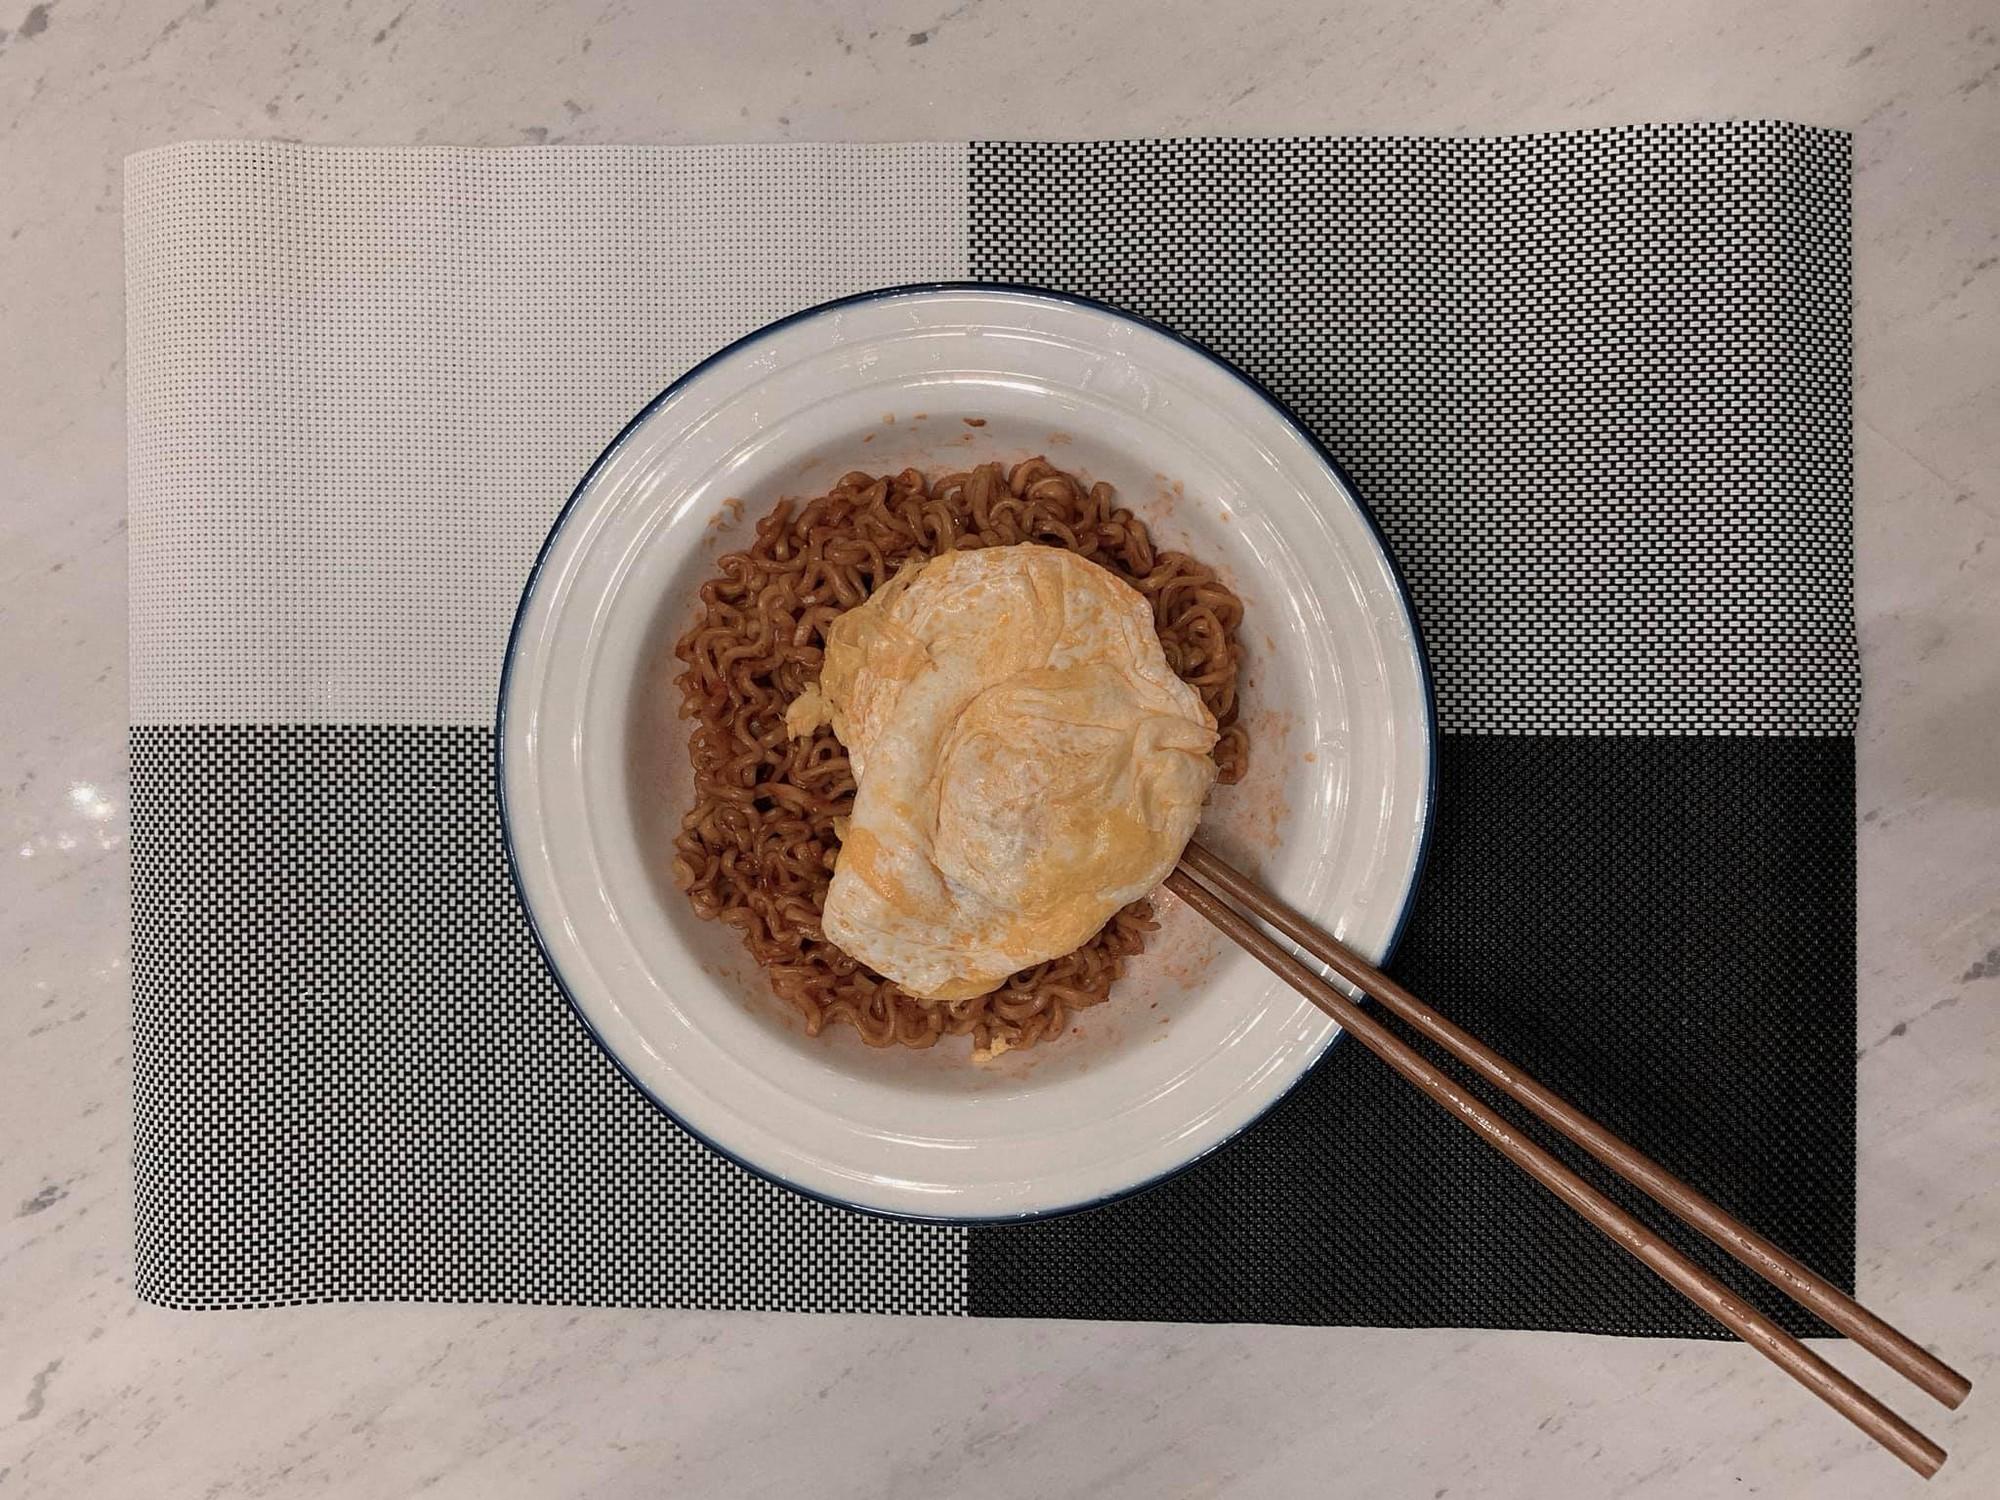 Đi diễn về khuya, Hari Won được Trấn Thành xuống bếp nấu ăn, chăm sóc từng ly từng tí đúng chuẩn ông chồng kiểu mẫu - Ảnh 2.